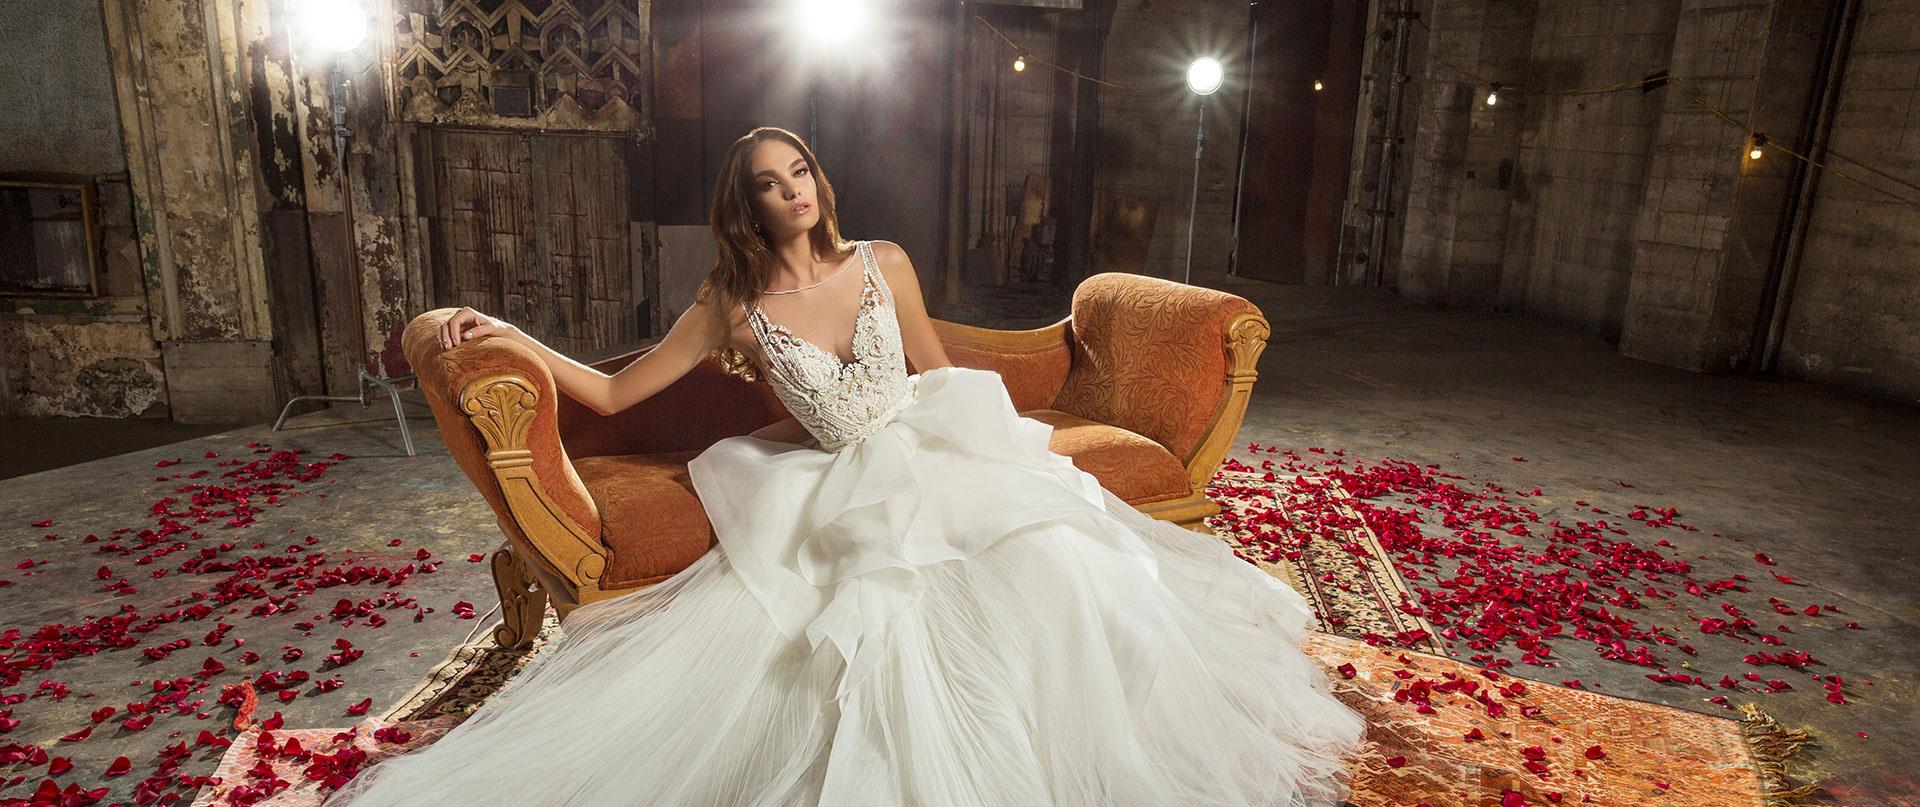 Brautmode, Abendkleider, Couture ǀ Honeymoon Düsseldorf